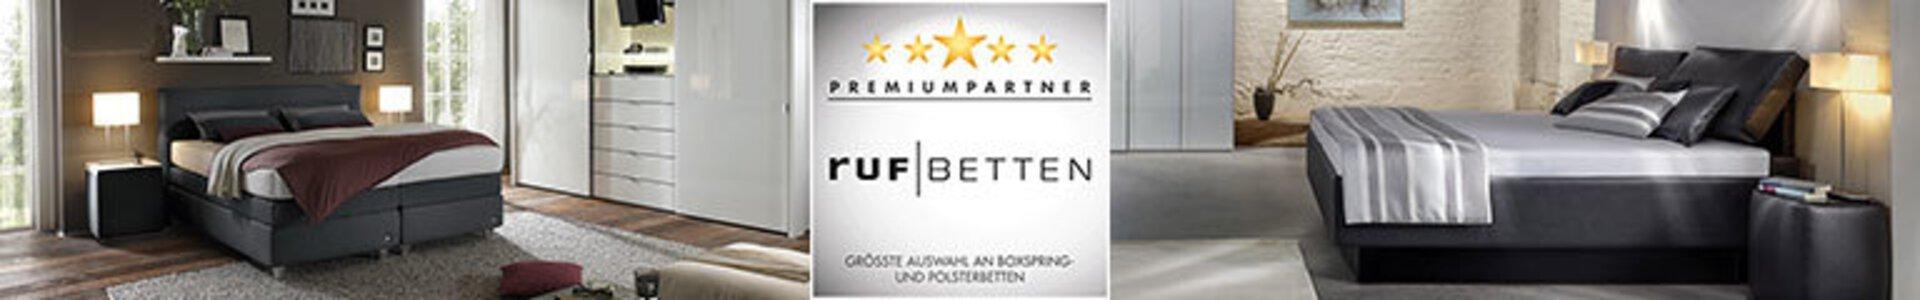 Bannerbild der Premiumpartner-Marke ruf Betten